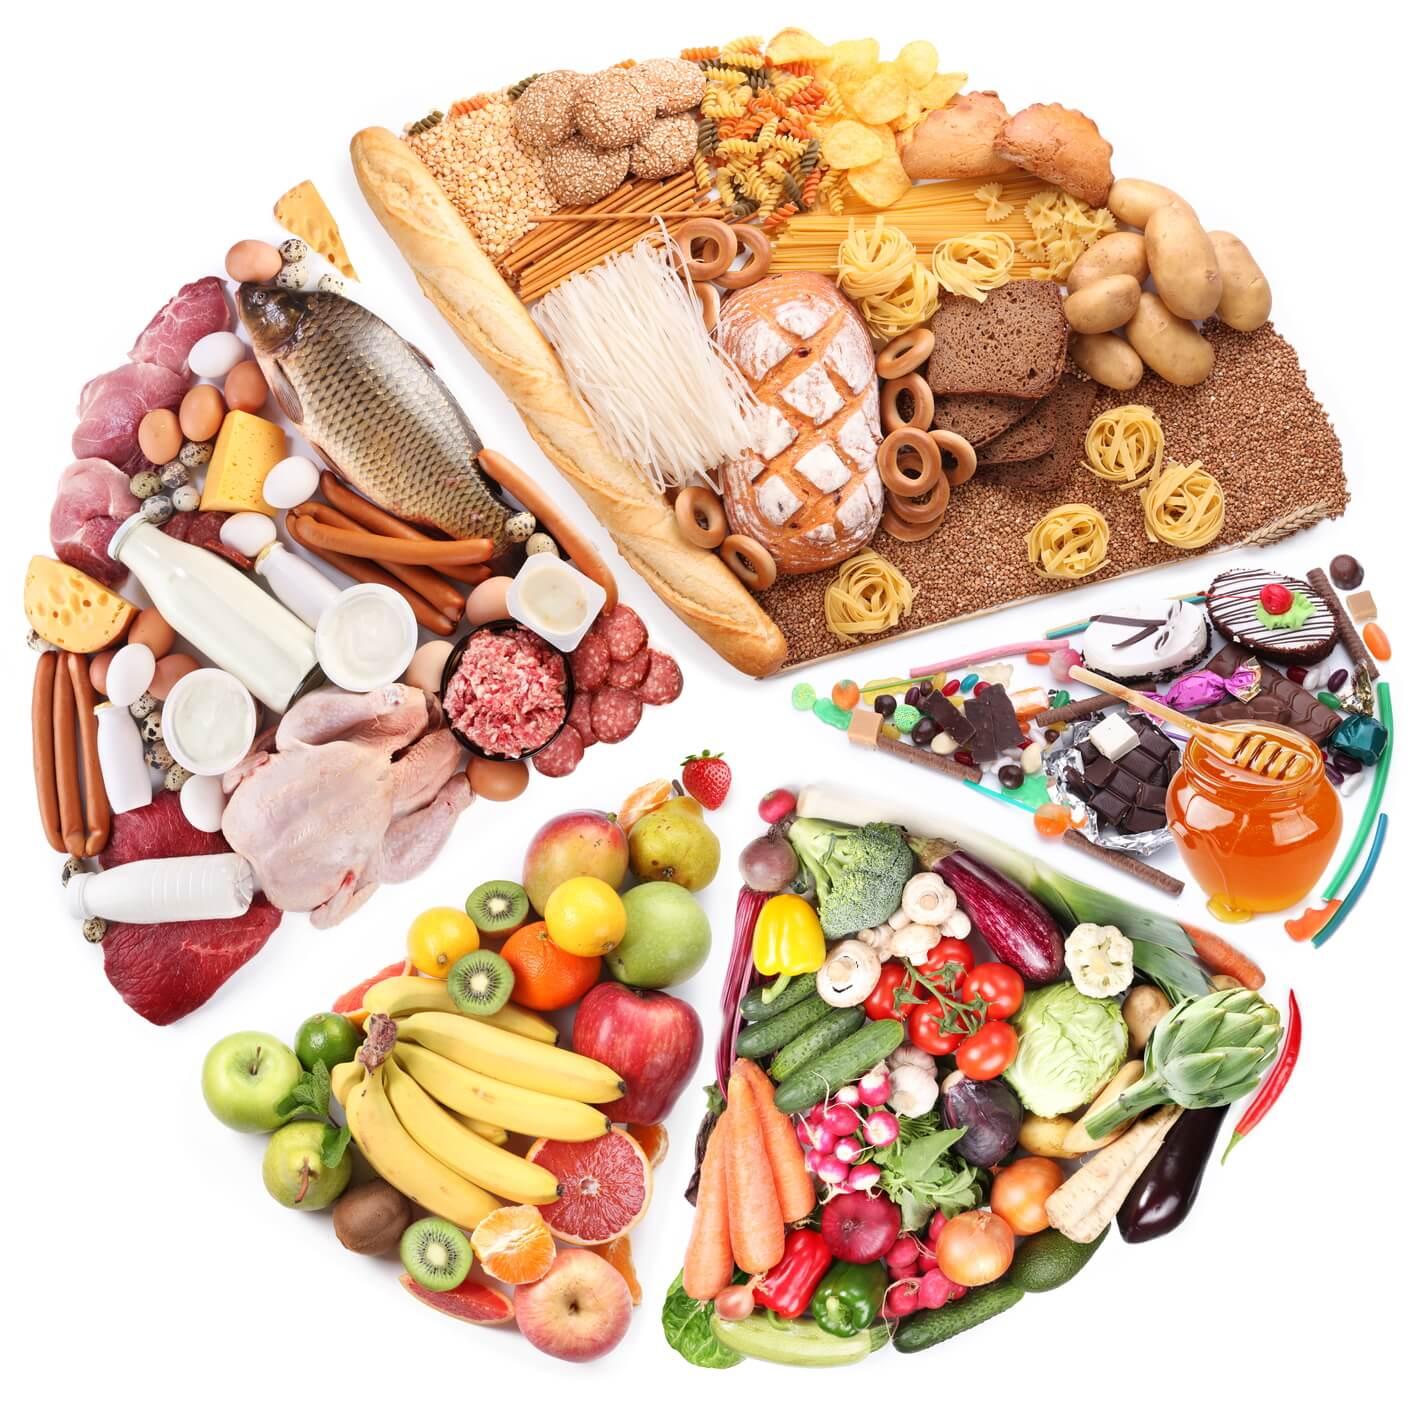 Сколько углеводов нужно в день, чтобы похудеть: правила питания